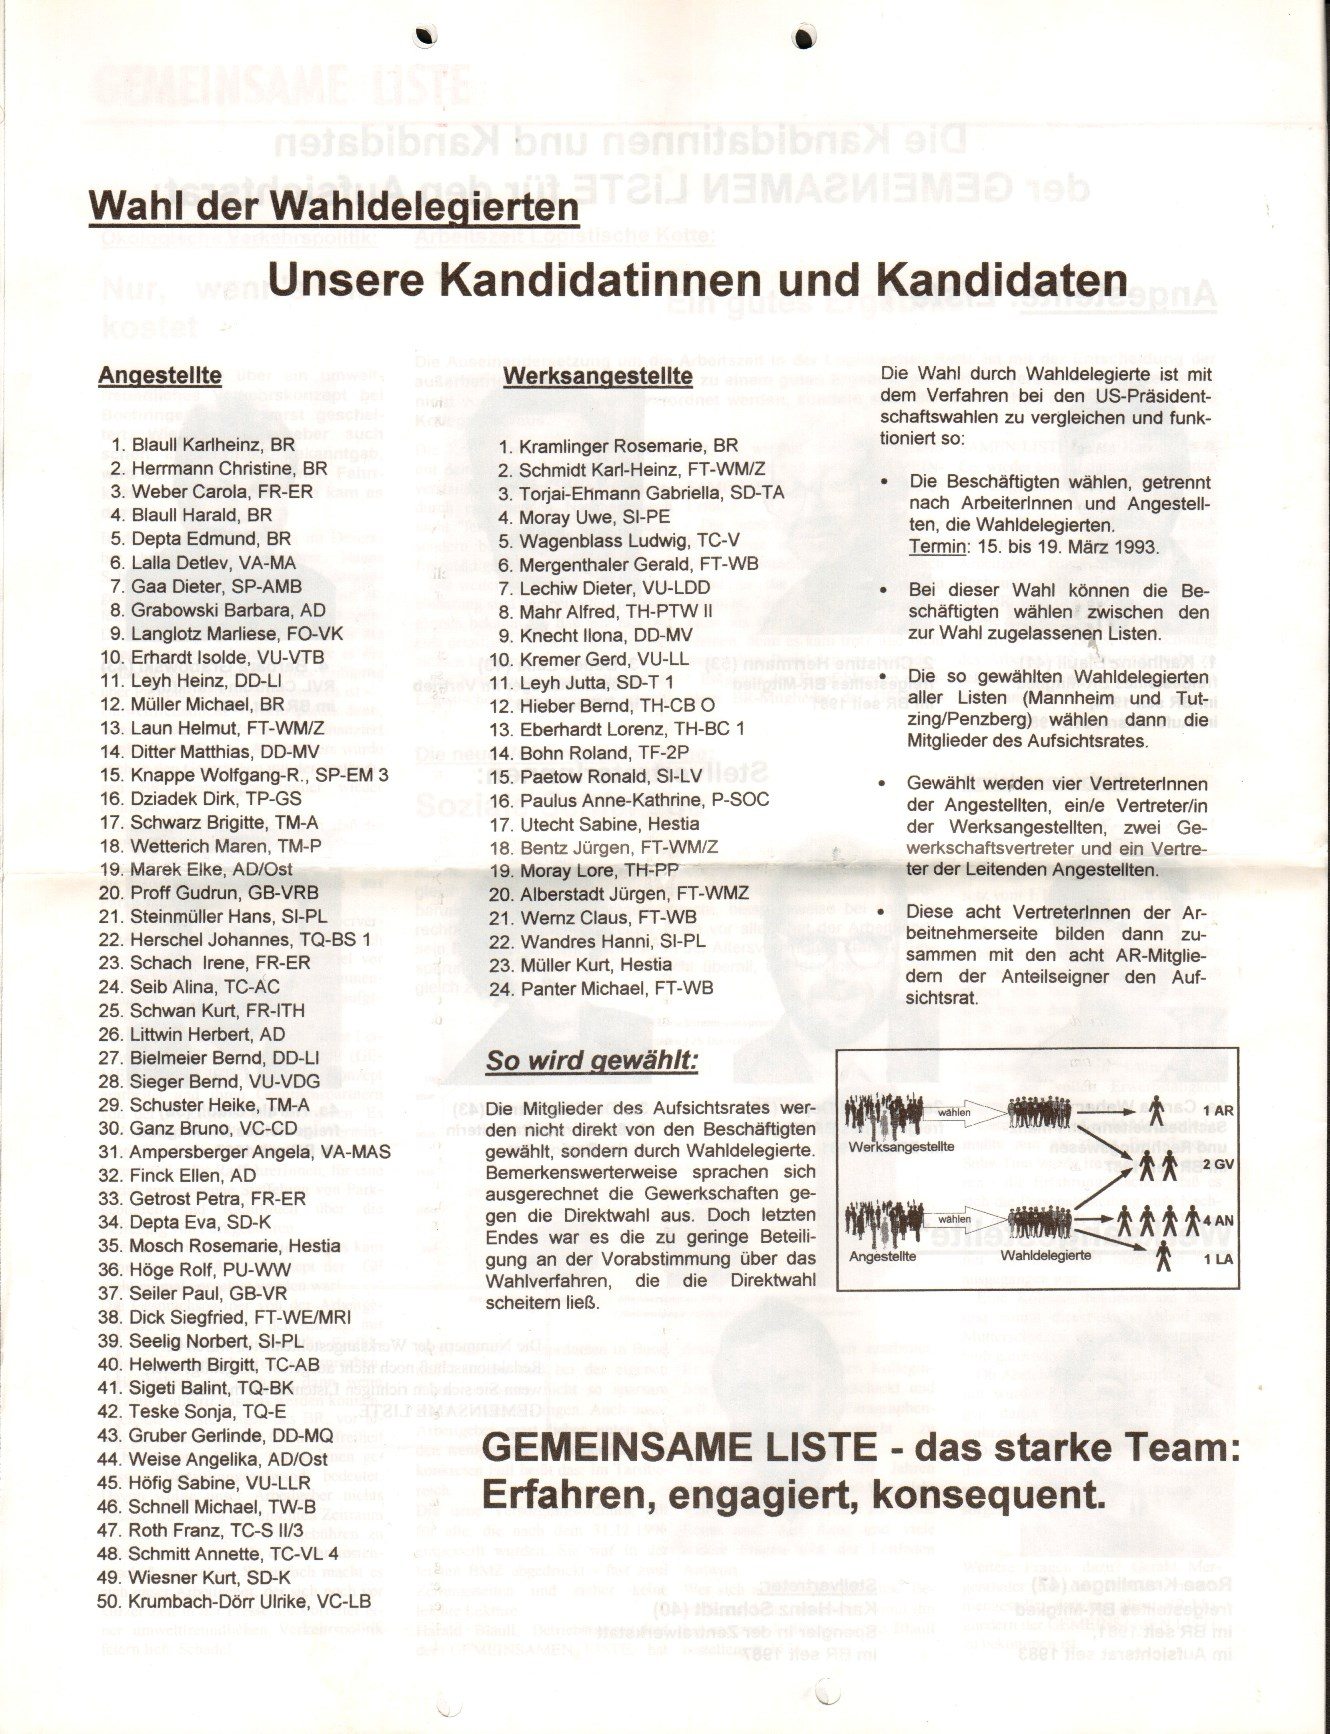 Mannheim_Boehringer_Gemeinsame_Liste_1993_01_04